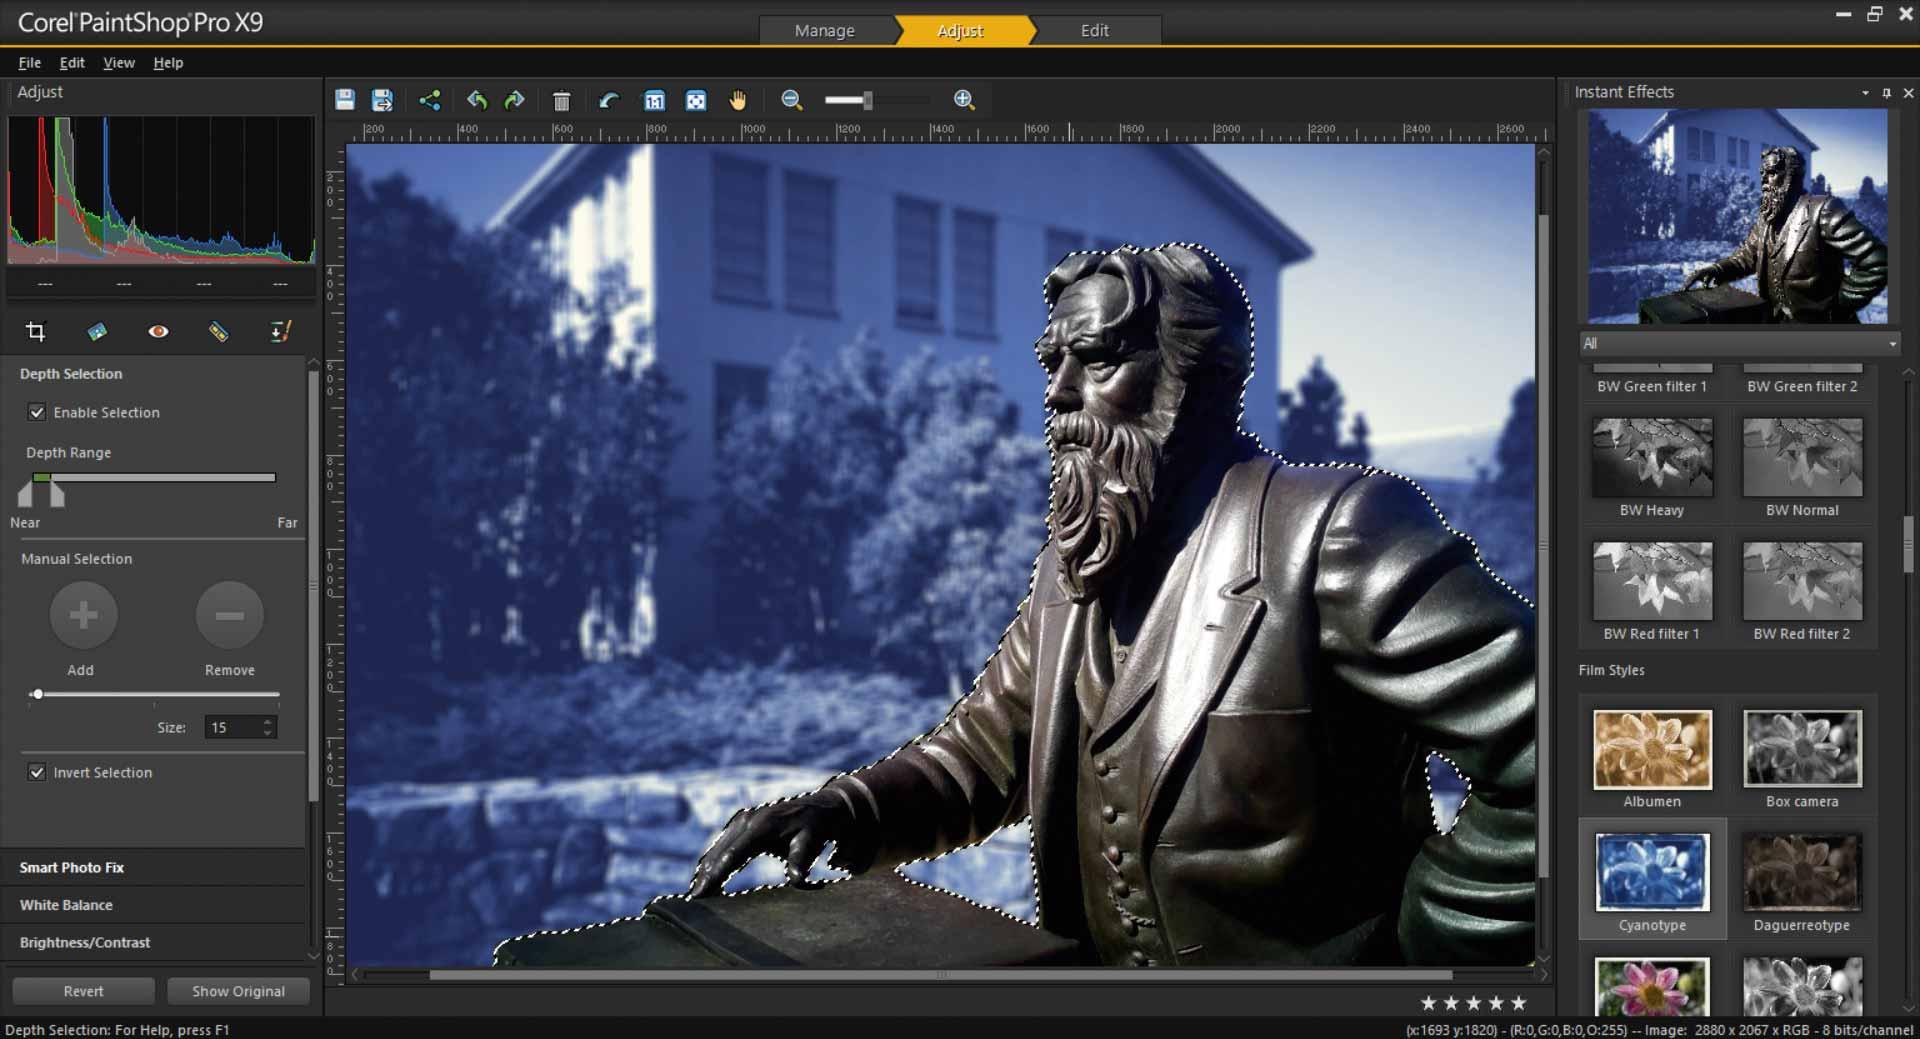 Paintshop Pro X9 Creative Bloq